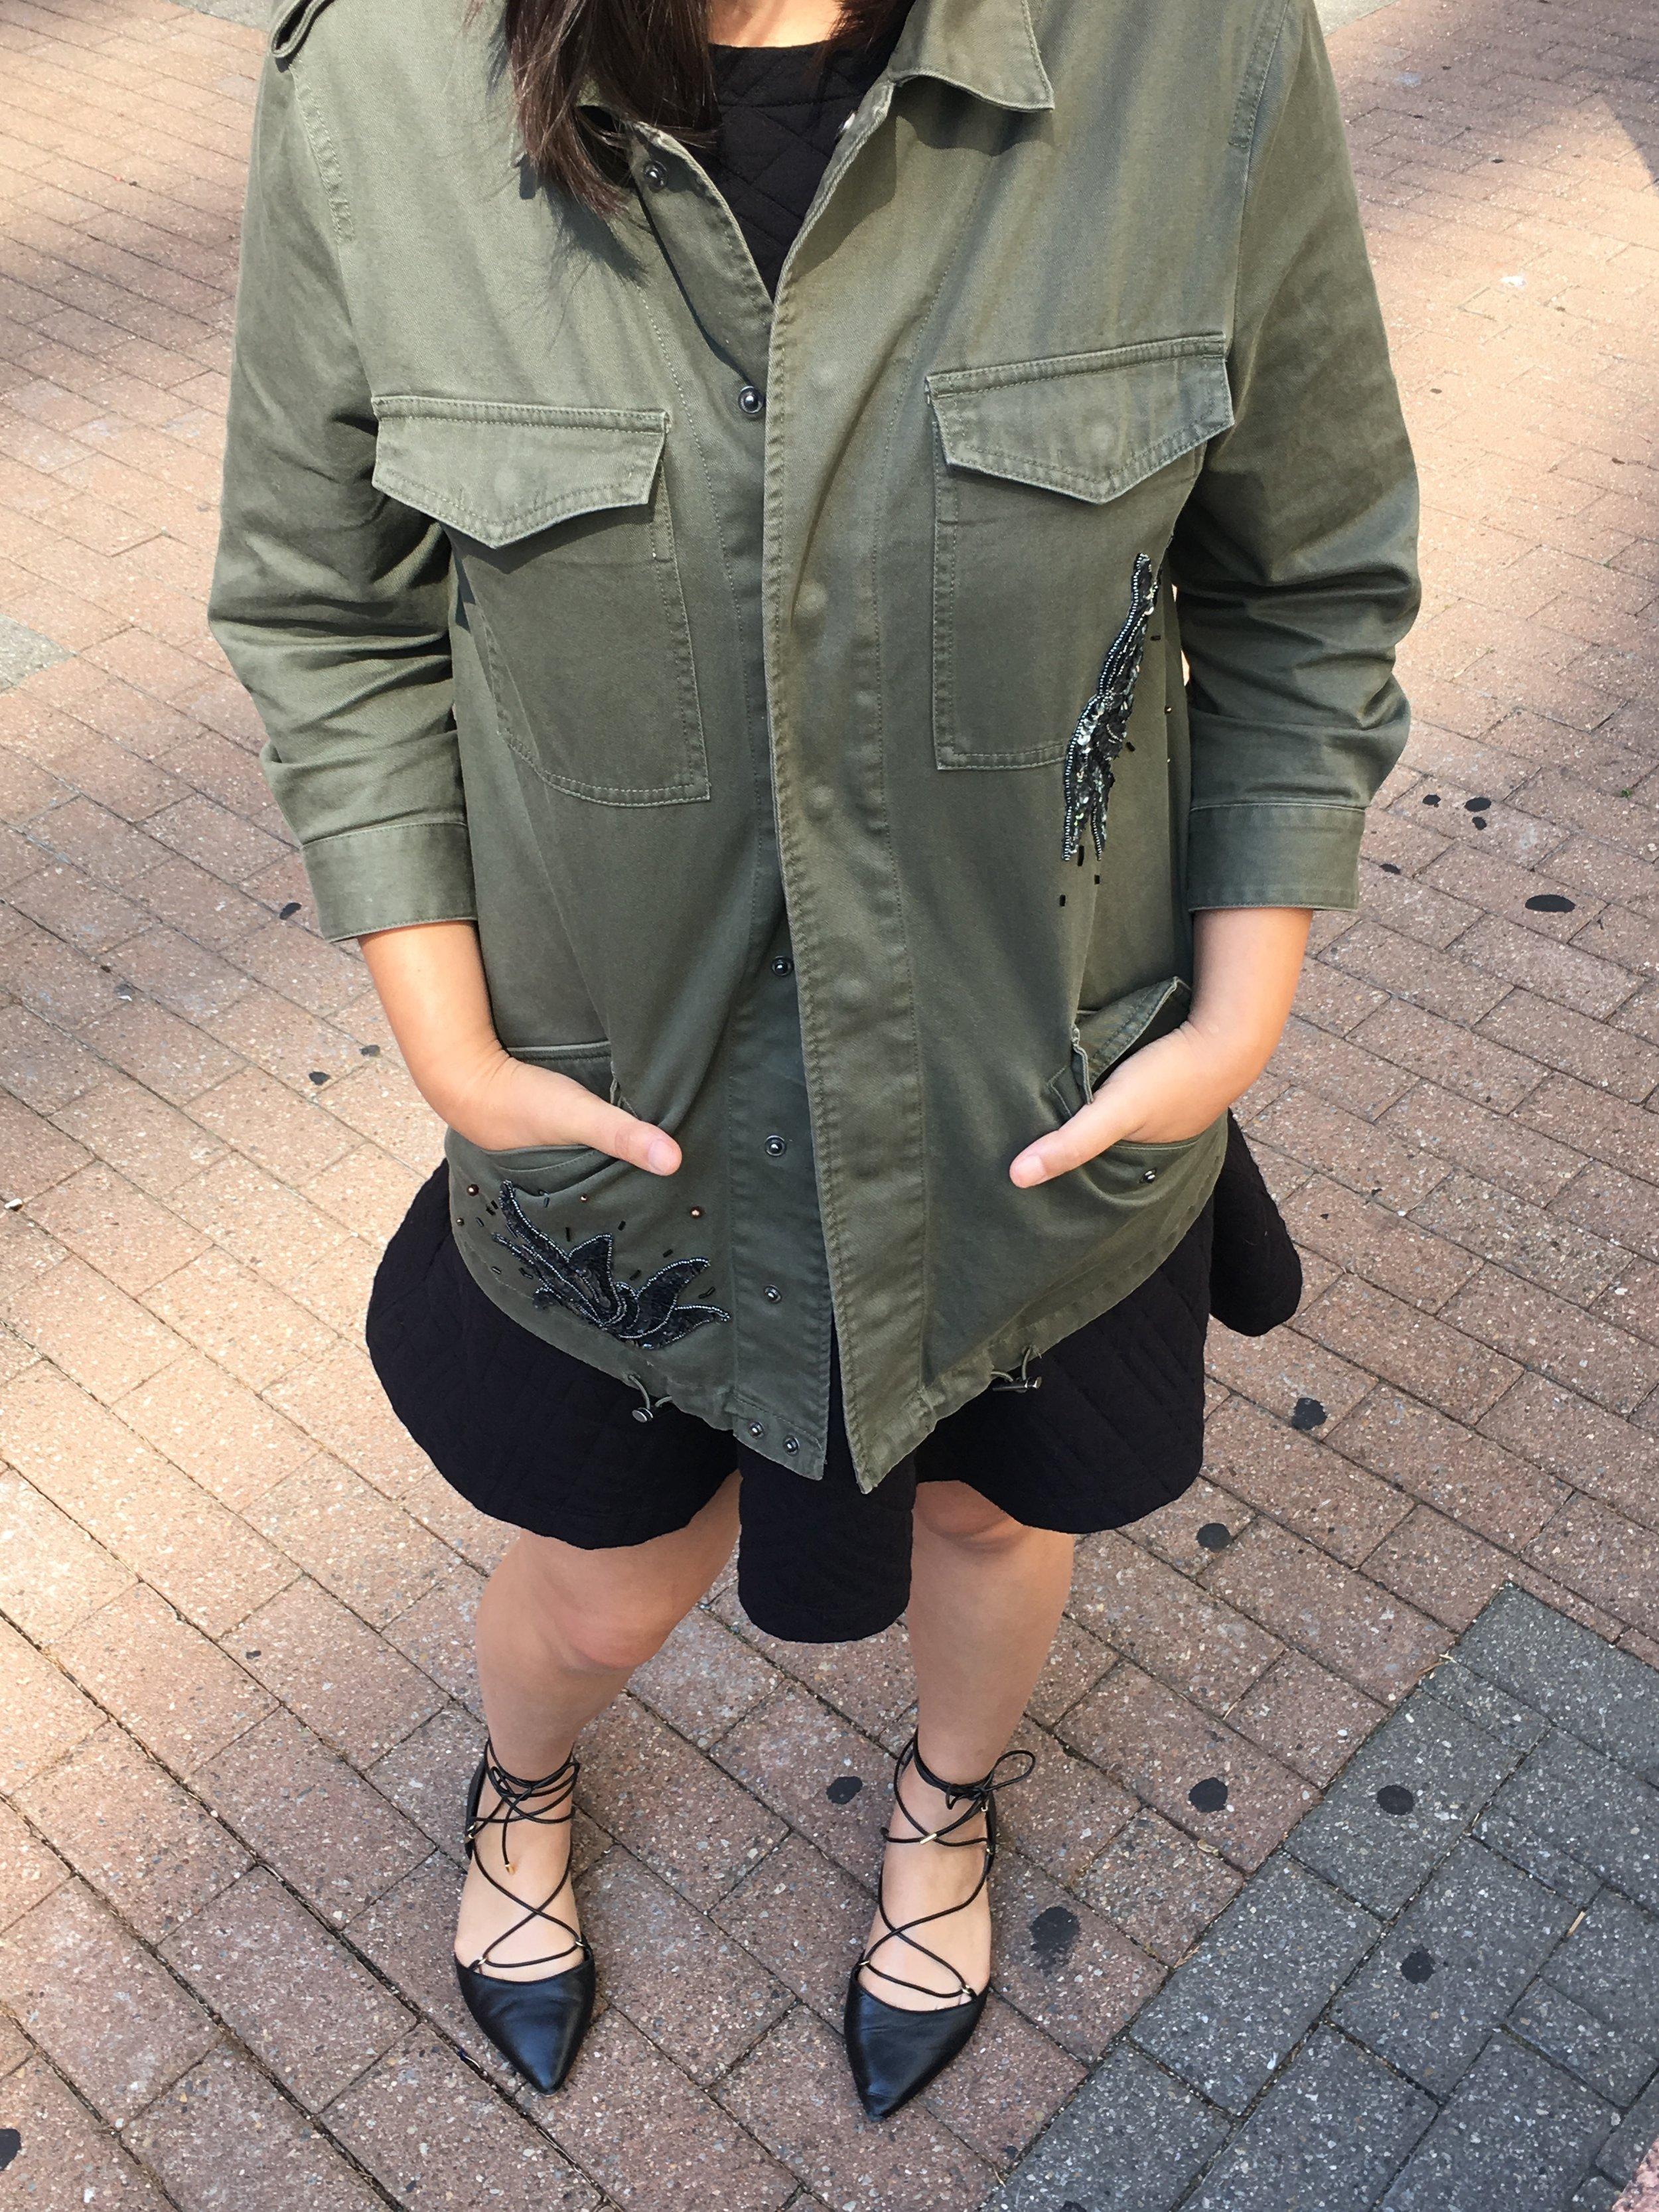 Jacket:  WhoWhatWear x Target . Dress: Loft. Shoes: Aldo